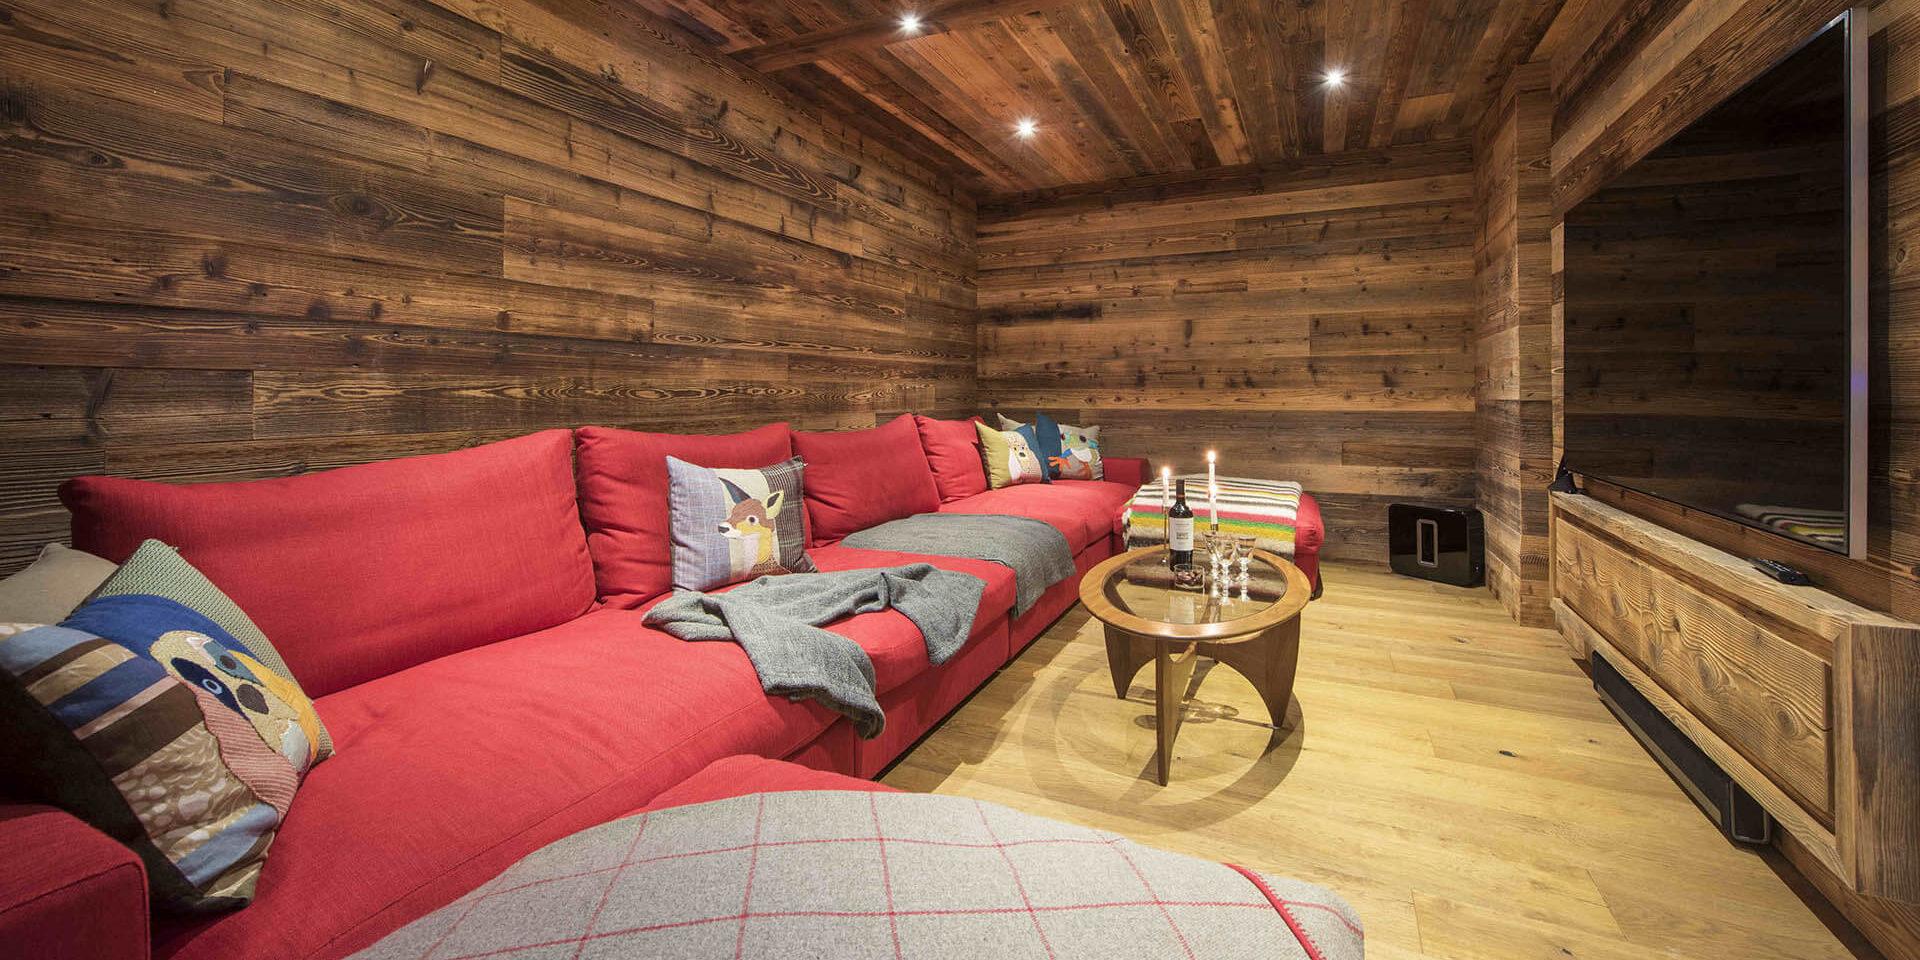 Appartement Place Blanche Verbier Les 4 Vallees Zwitserland wintersport skivakantie luxe TV kamer rode loungebank kussens salontafel kaarsen verlichting hout